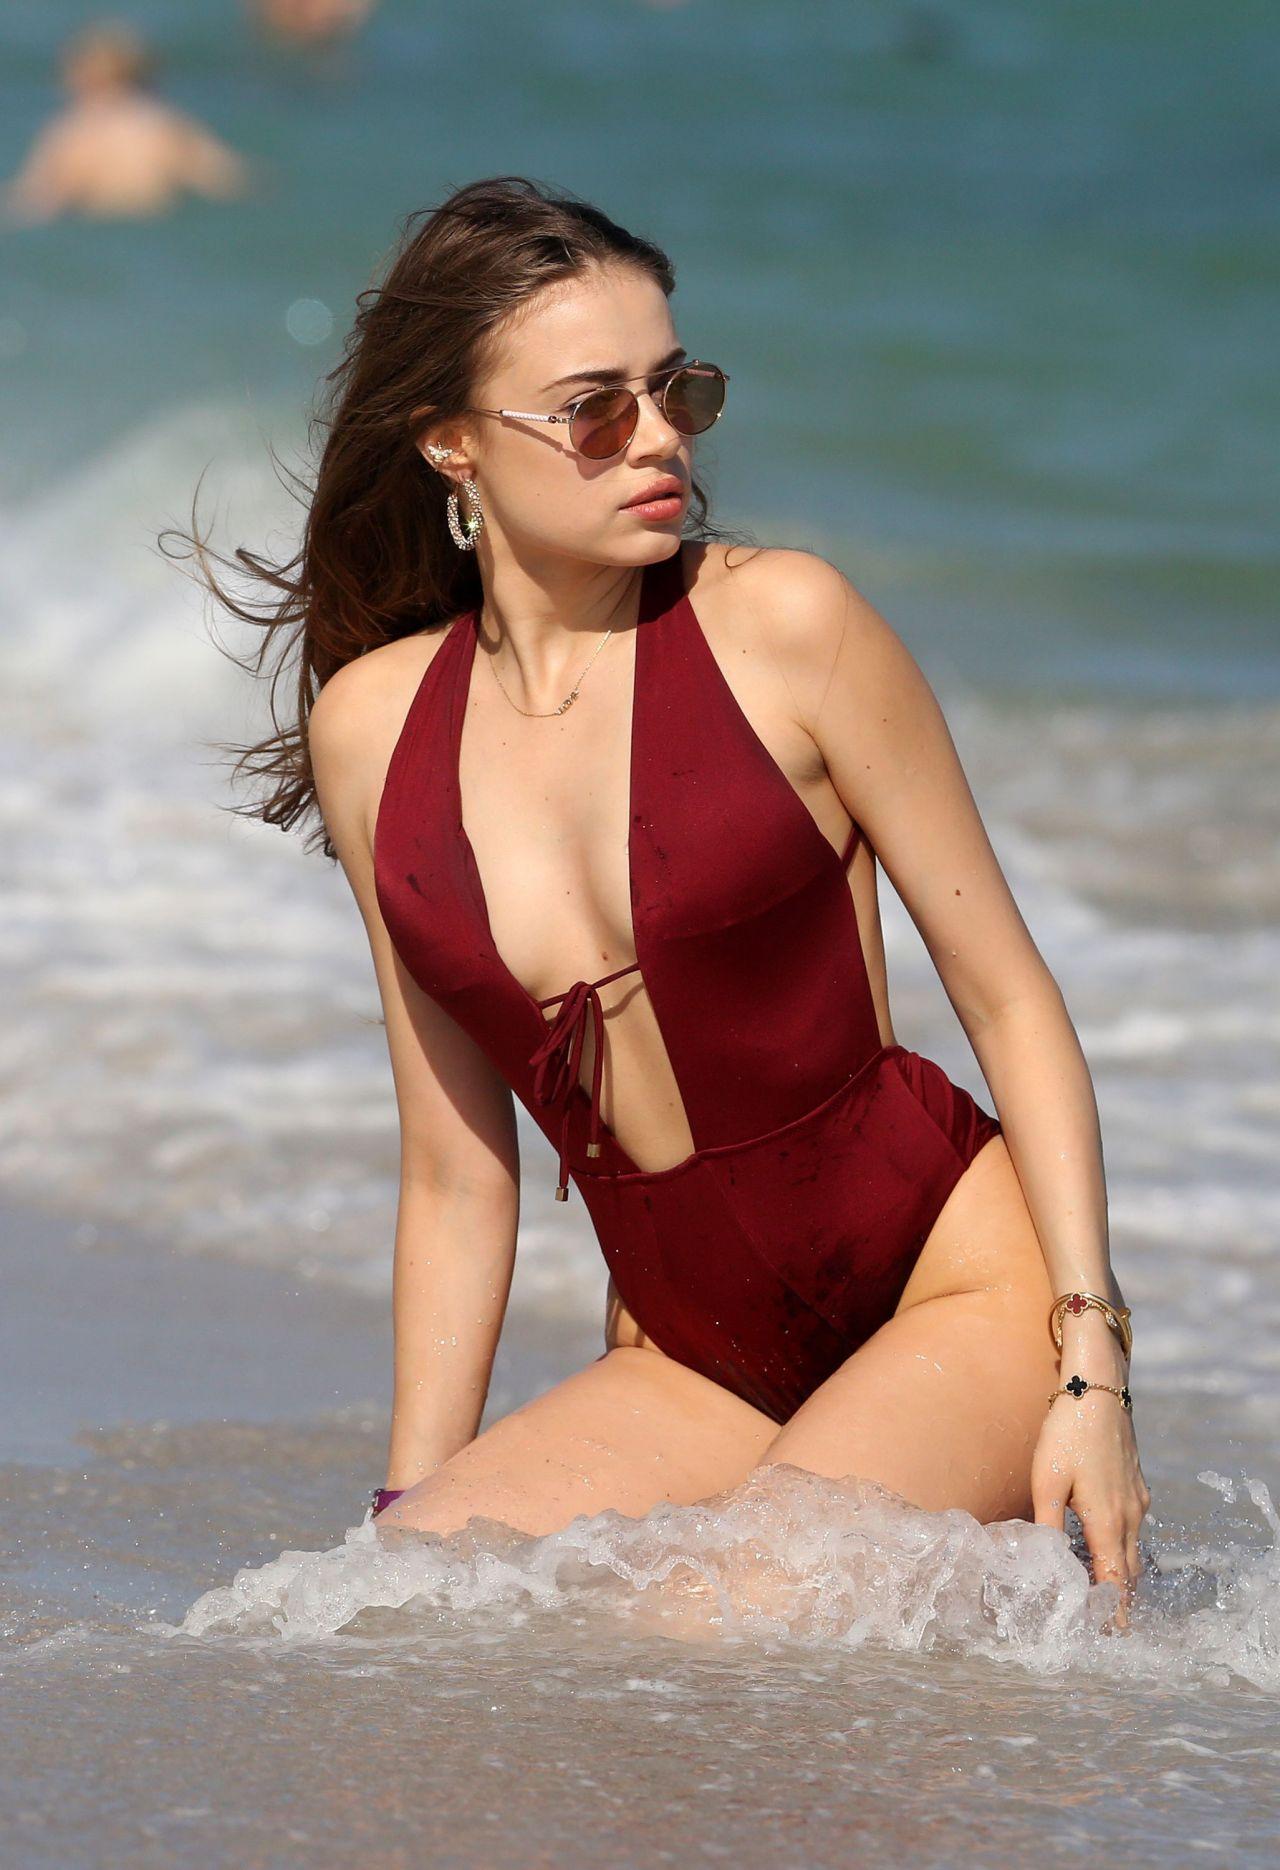 Xenia Tchoumitcheva In Swimsuit On Miami Beach 12082017